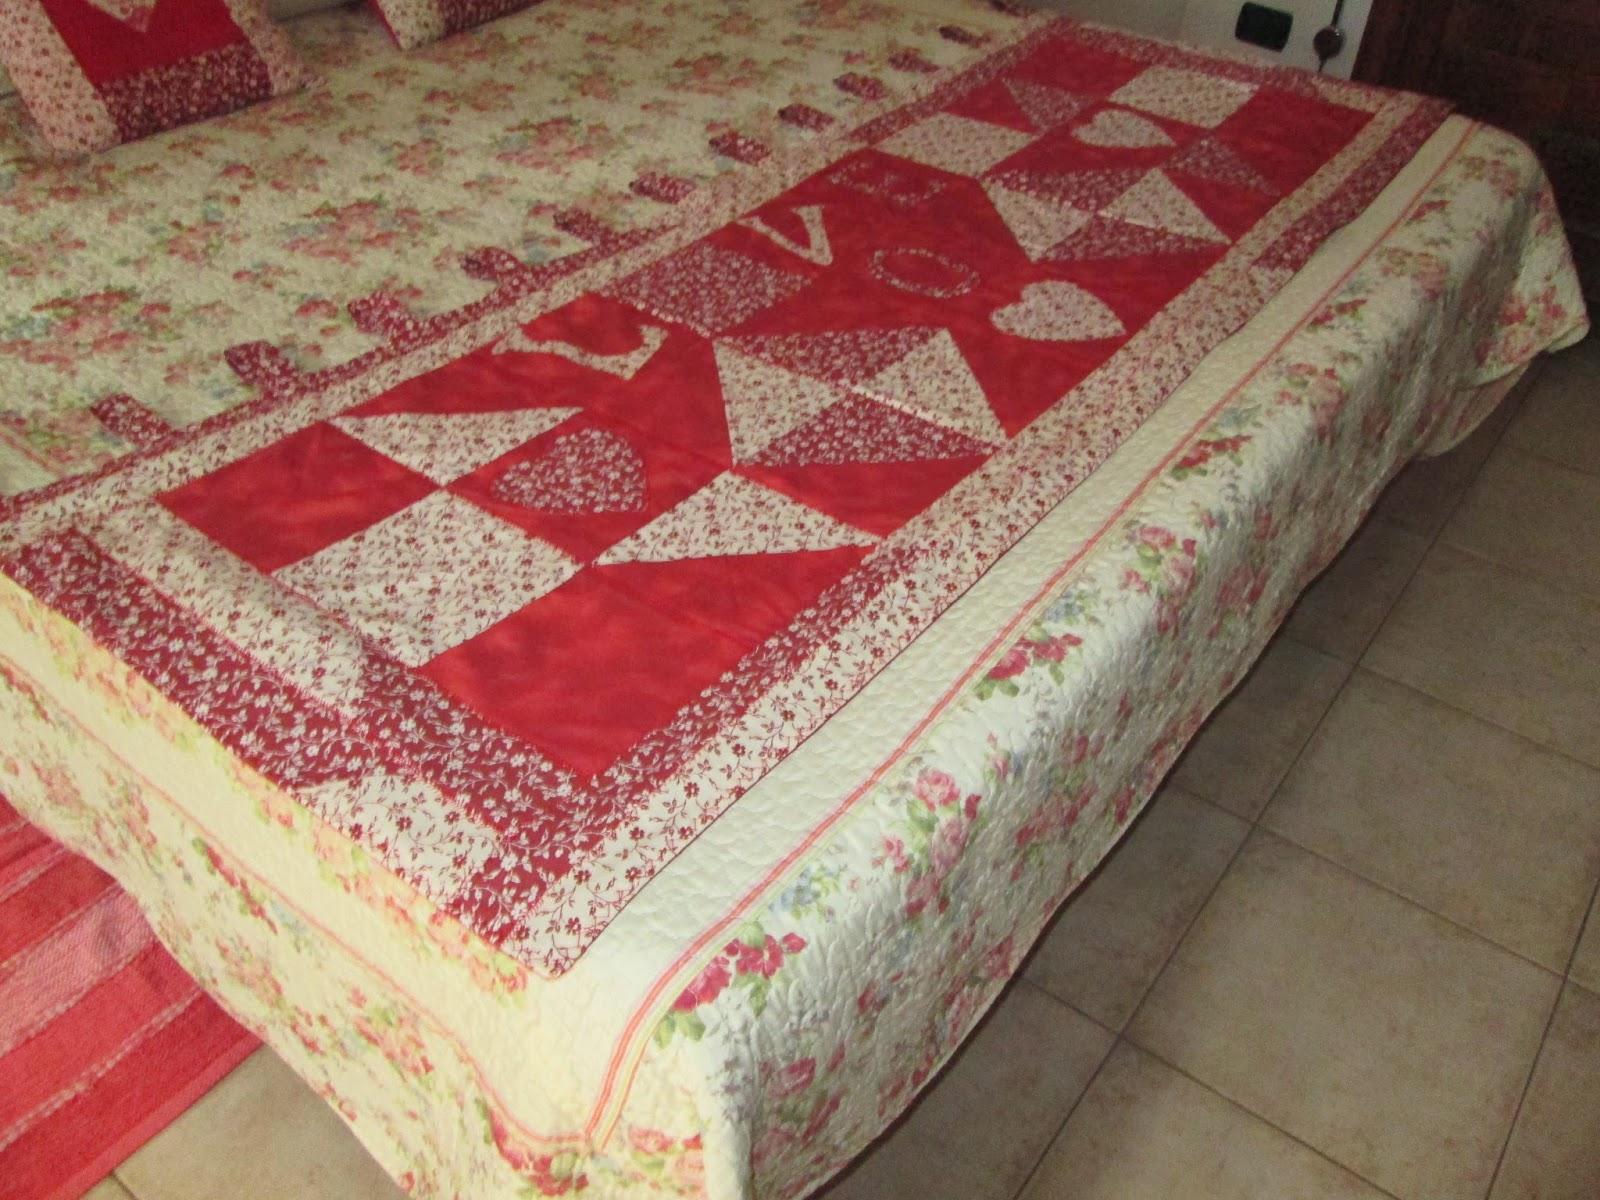 Creazioni con stoffa testata per letto - Lettino attaccato al letto ...